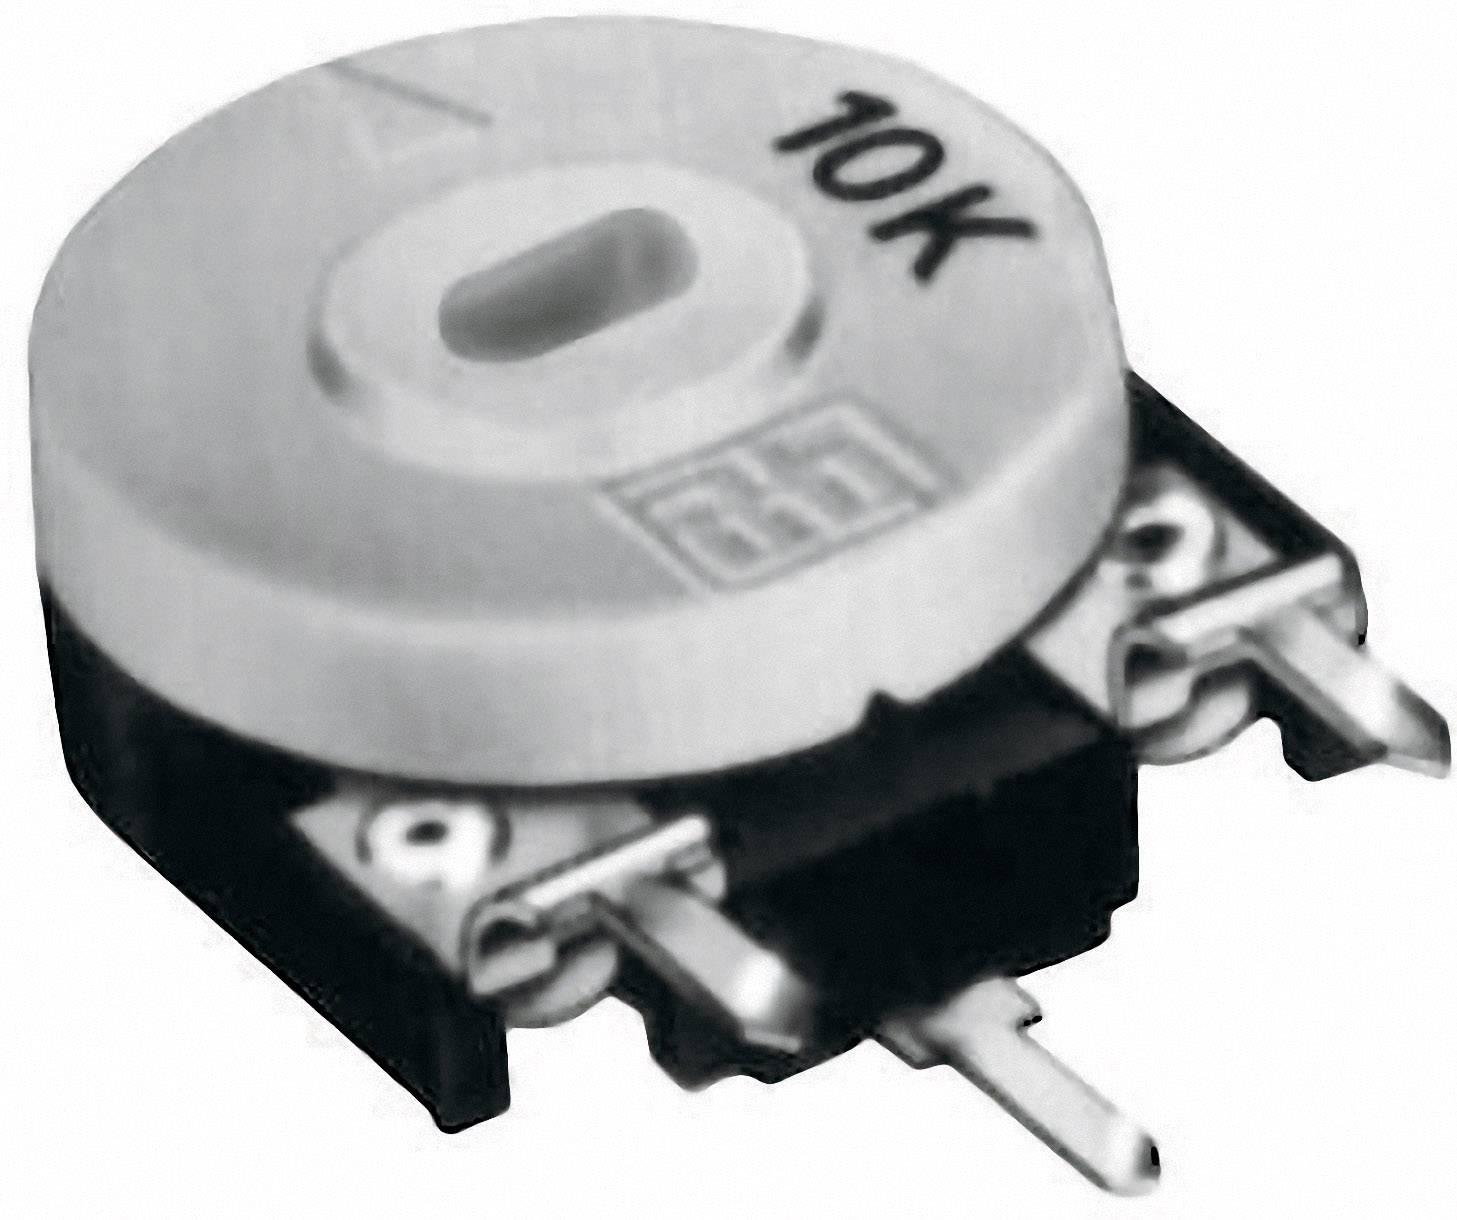 Uhlíkový trimr TT Electro, 21554805, 1 MΩ, 0,15 W, ± 20 %